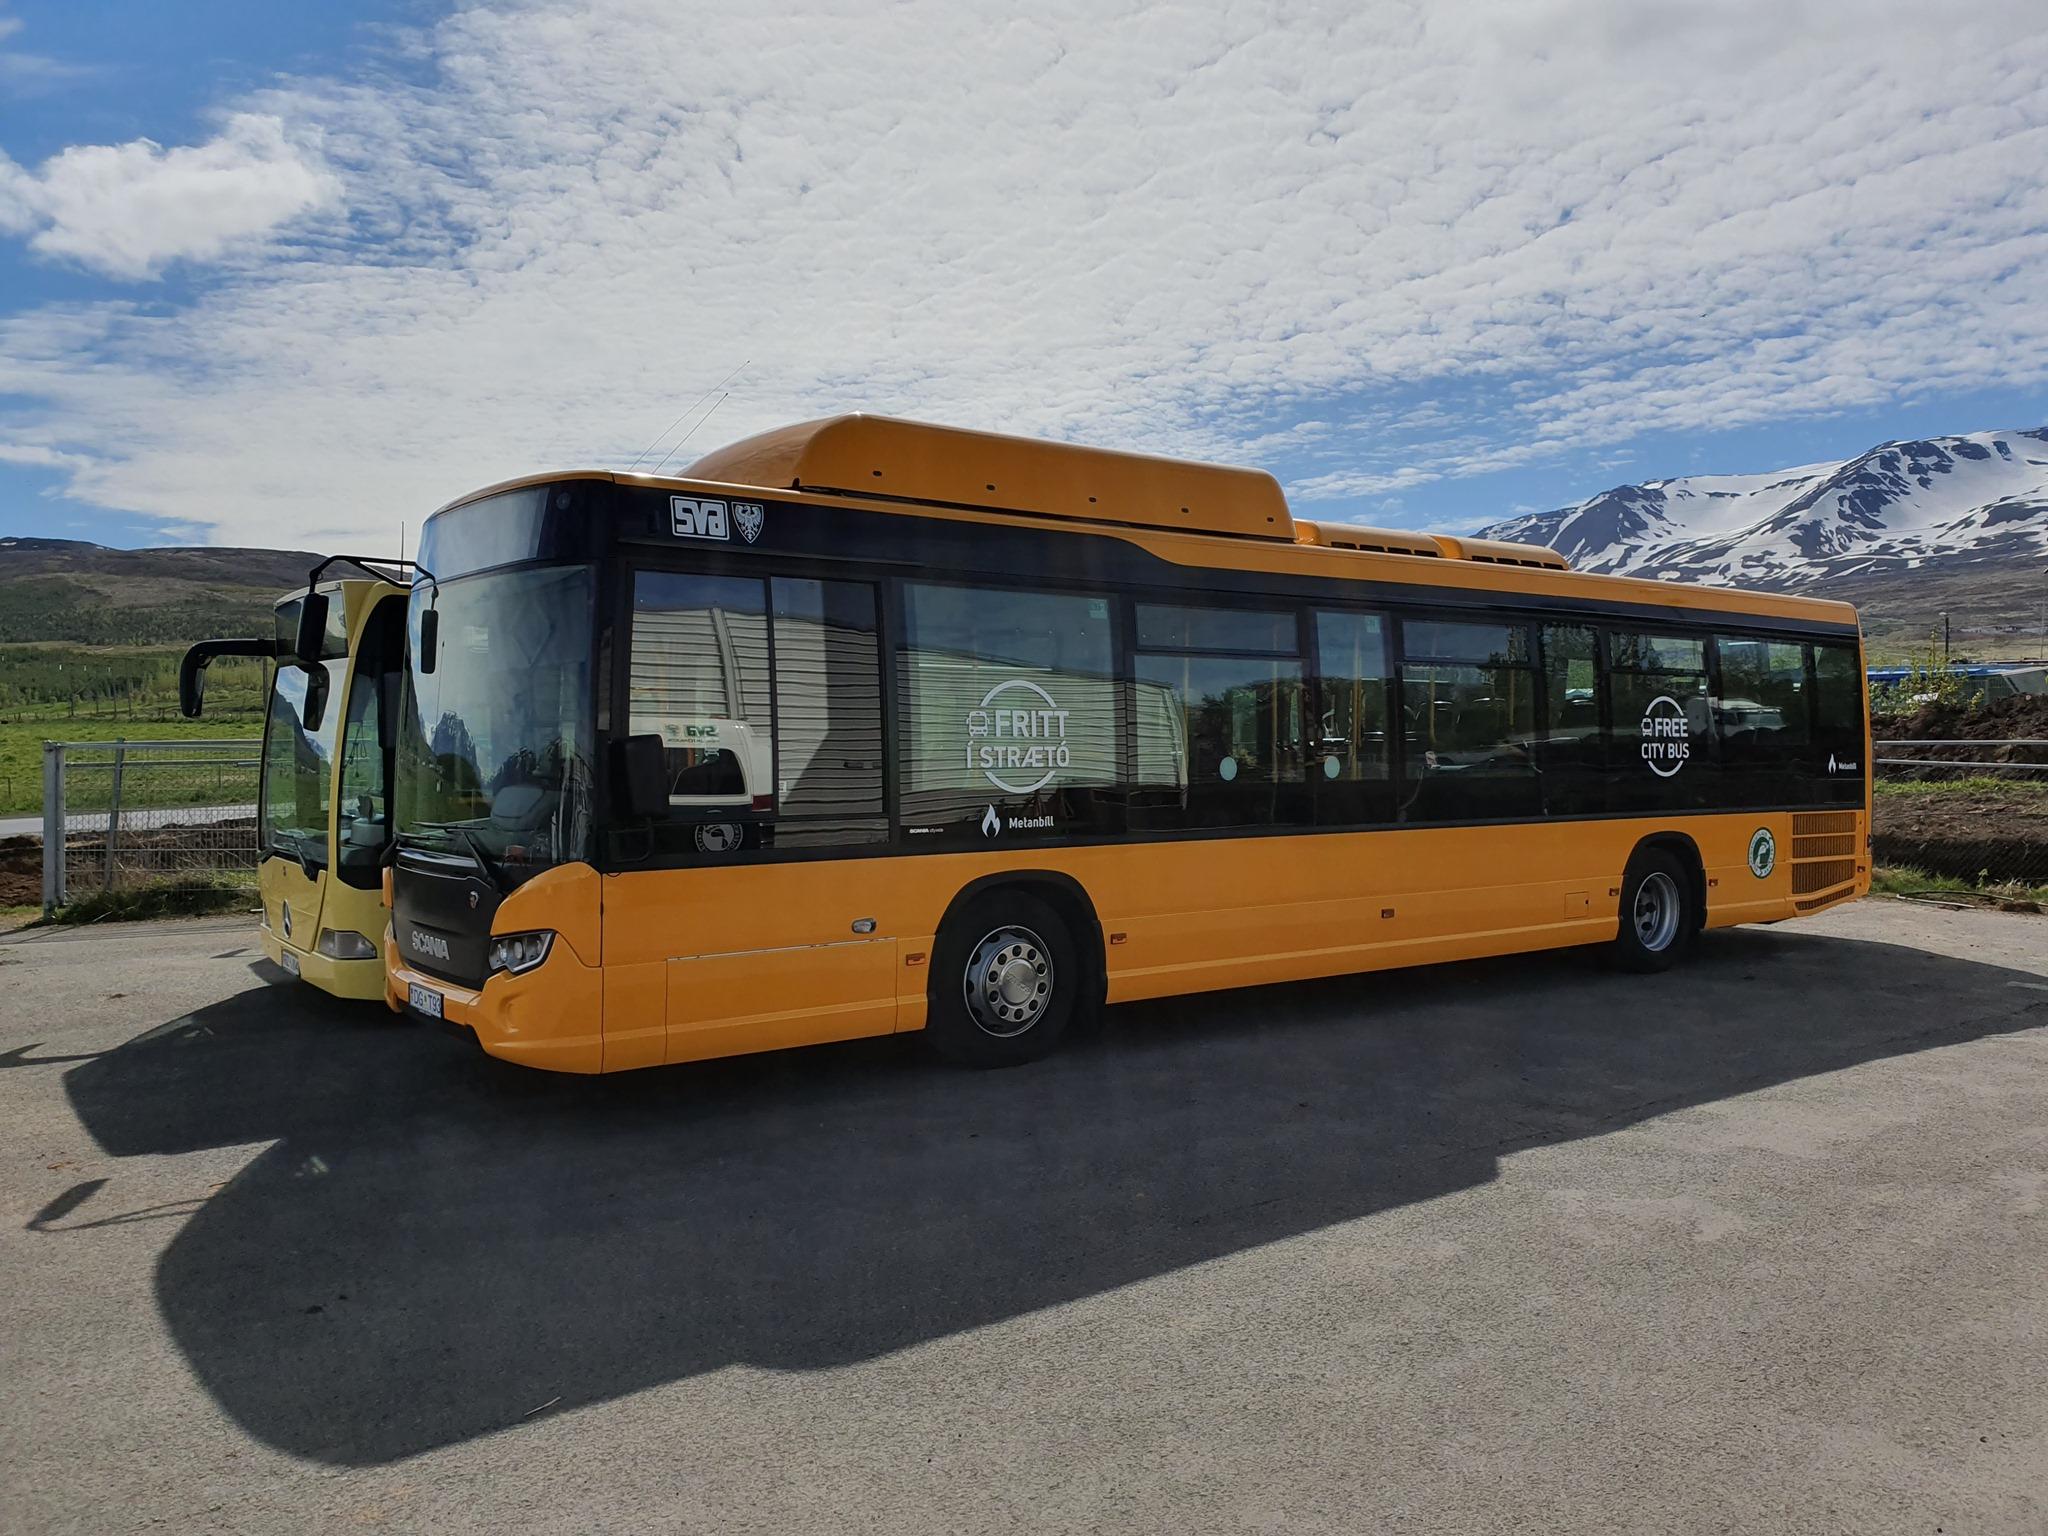 Slakað á grímuskyldu í strætisvögnum Akureyrar